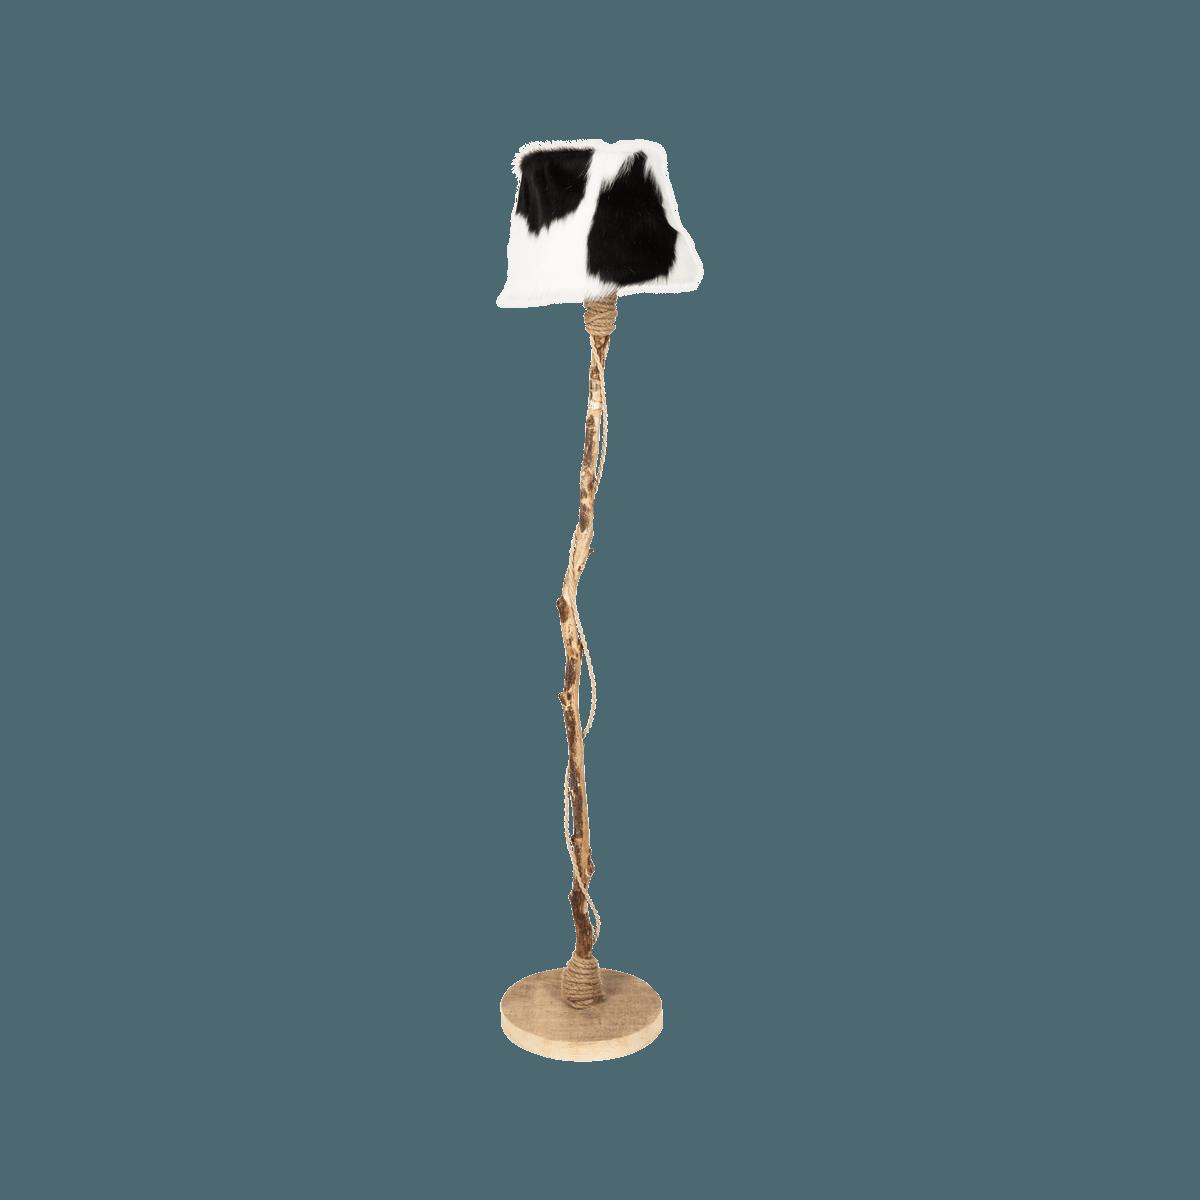 golvlampa trä med pälsskärm Dutch Dilight